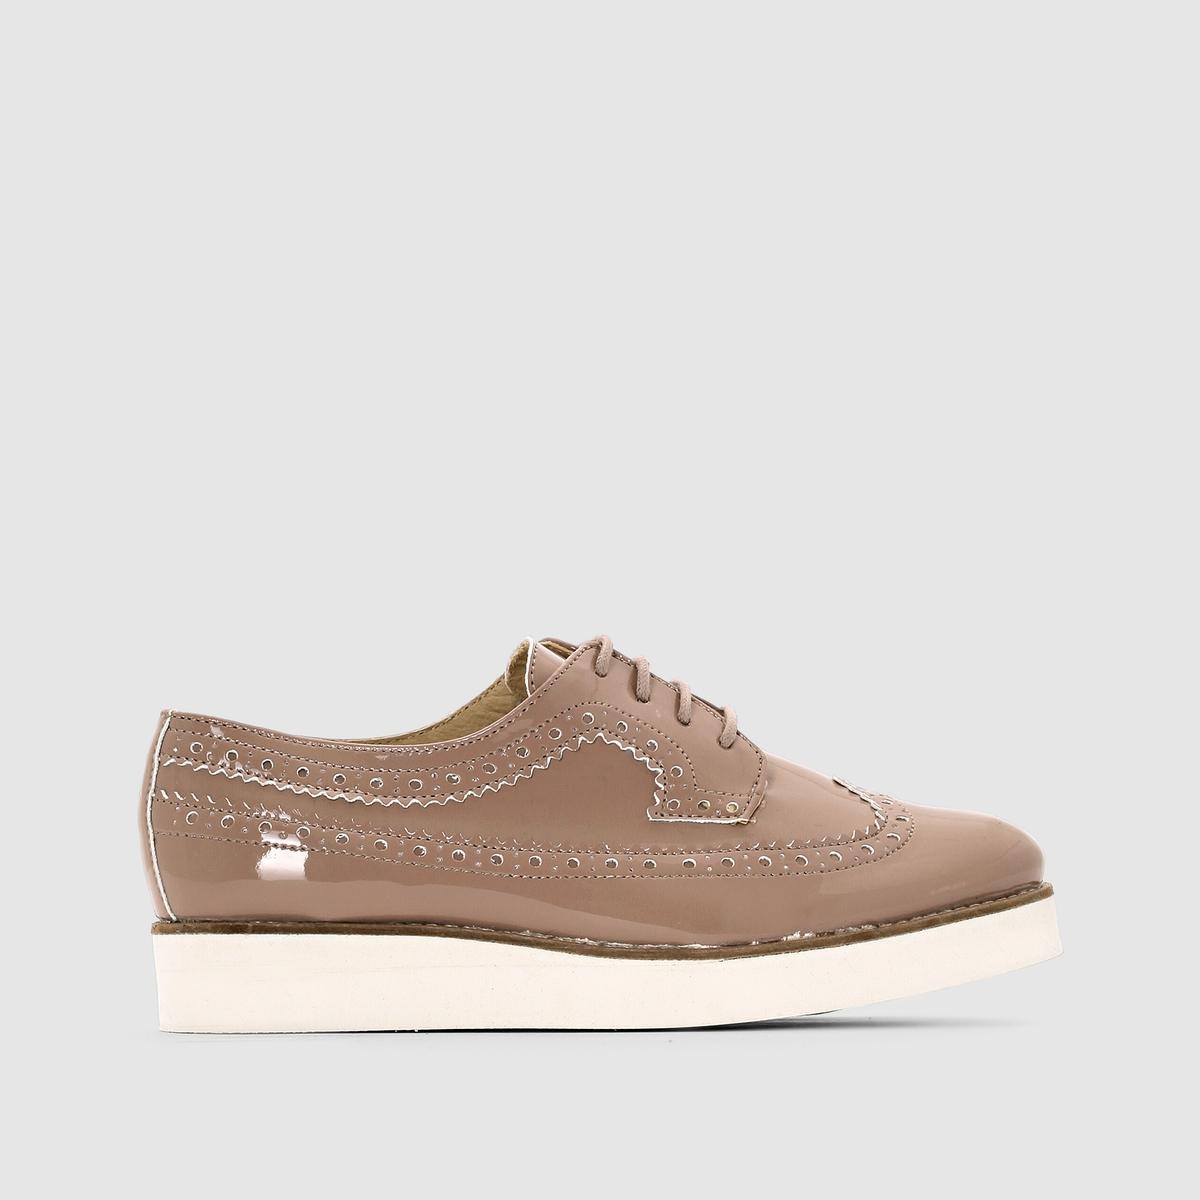 купить Ботинки-дерби из лакированной кожи дешево